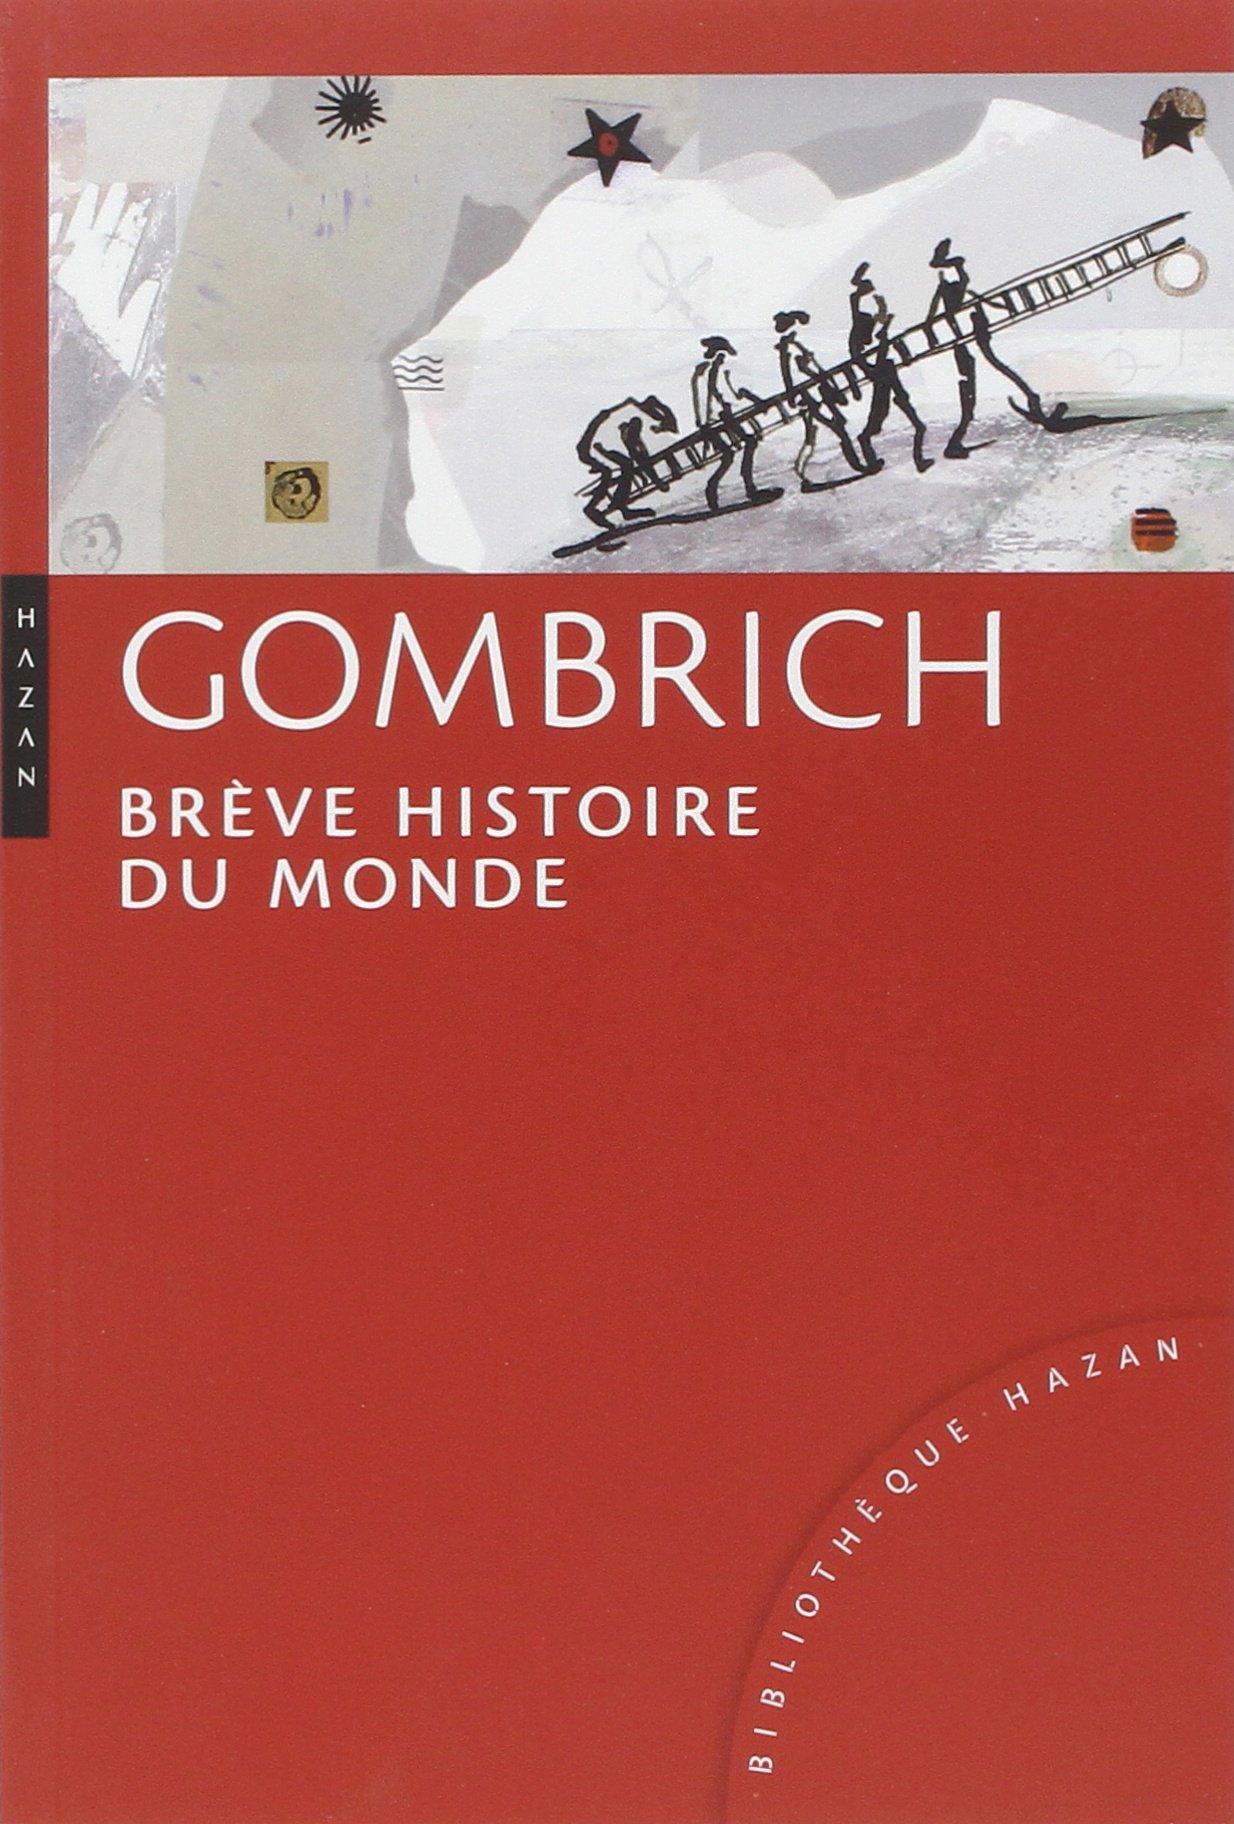 Brève histoire du monde Broché – 30 septembre 2009 Ernst Gombrich Anne Georges Hazan 2754104267